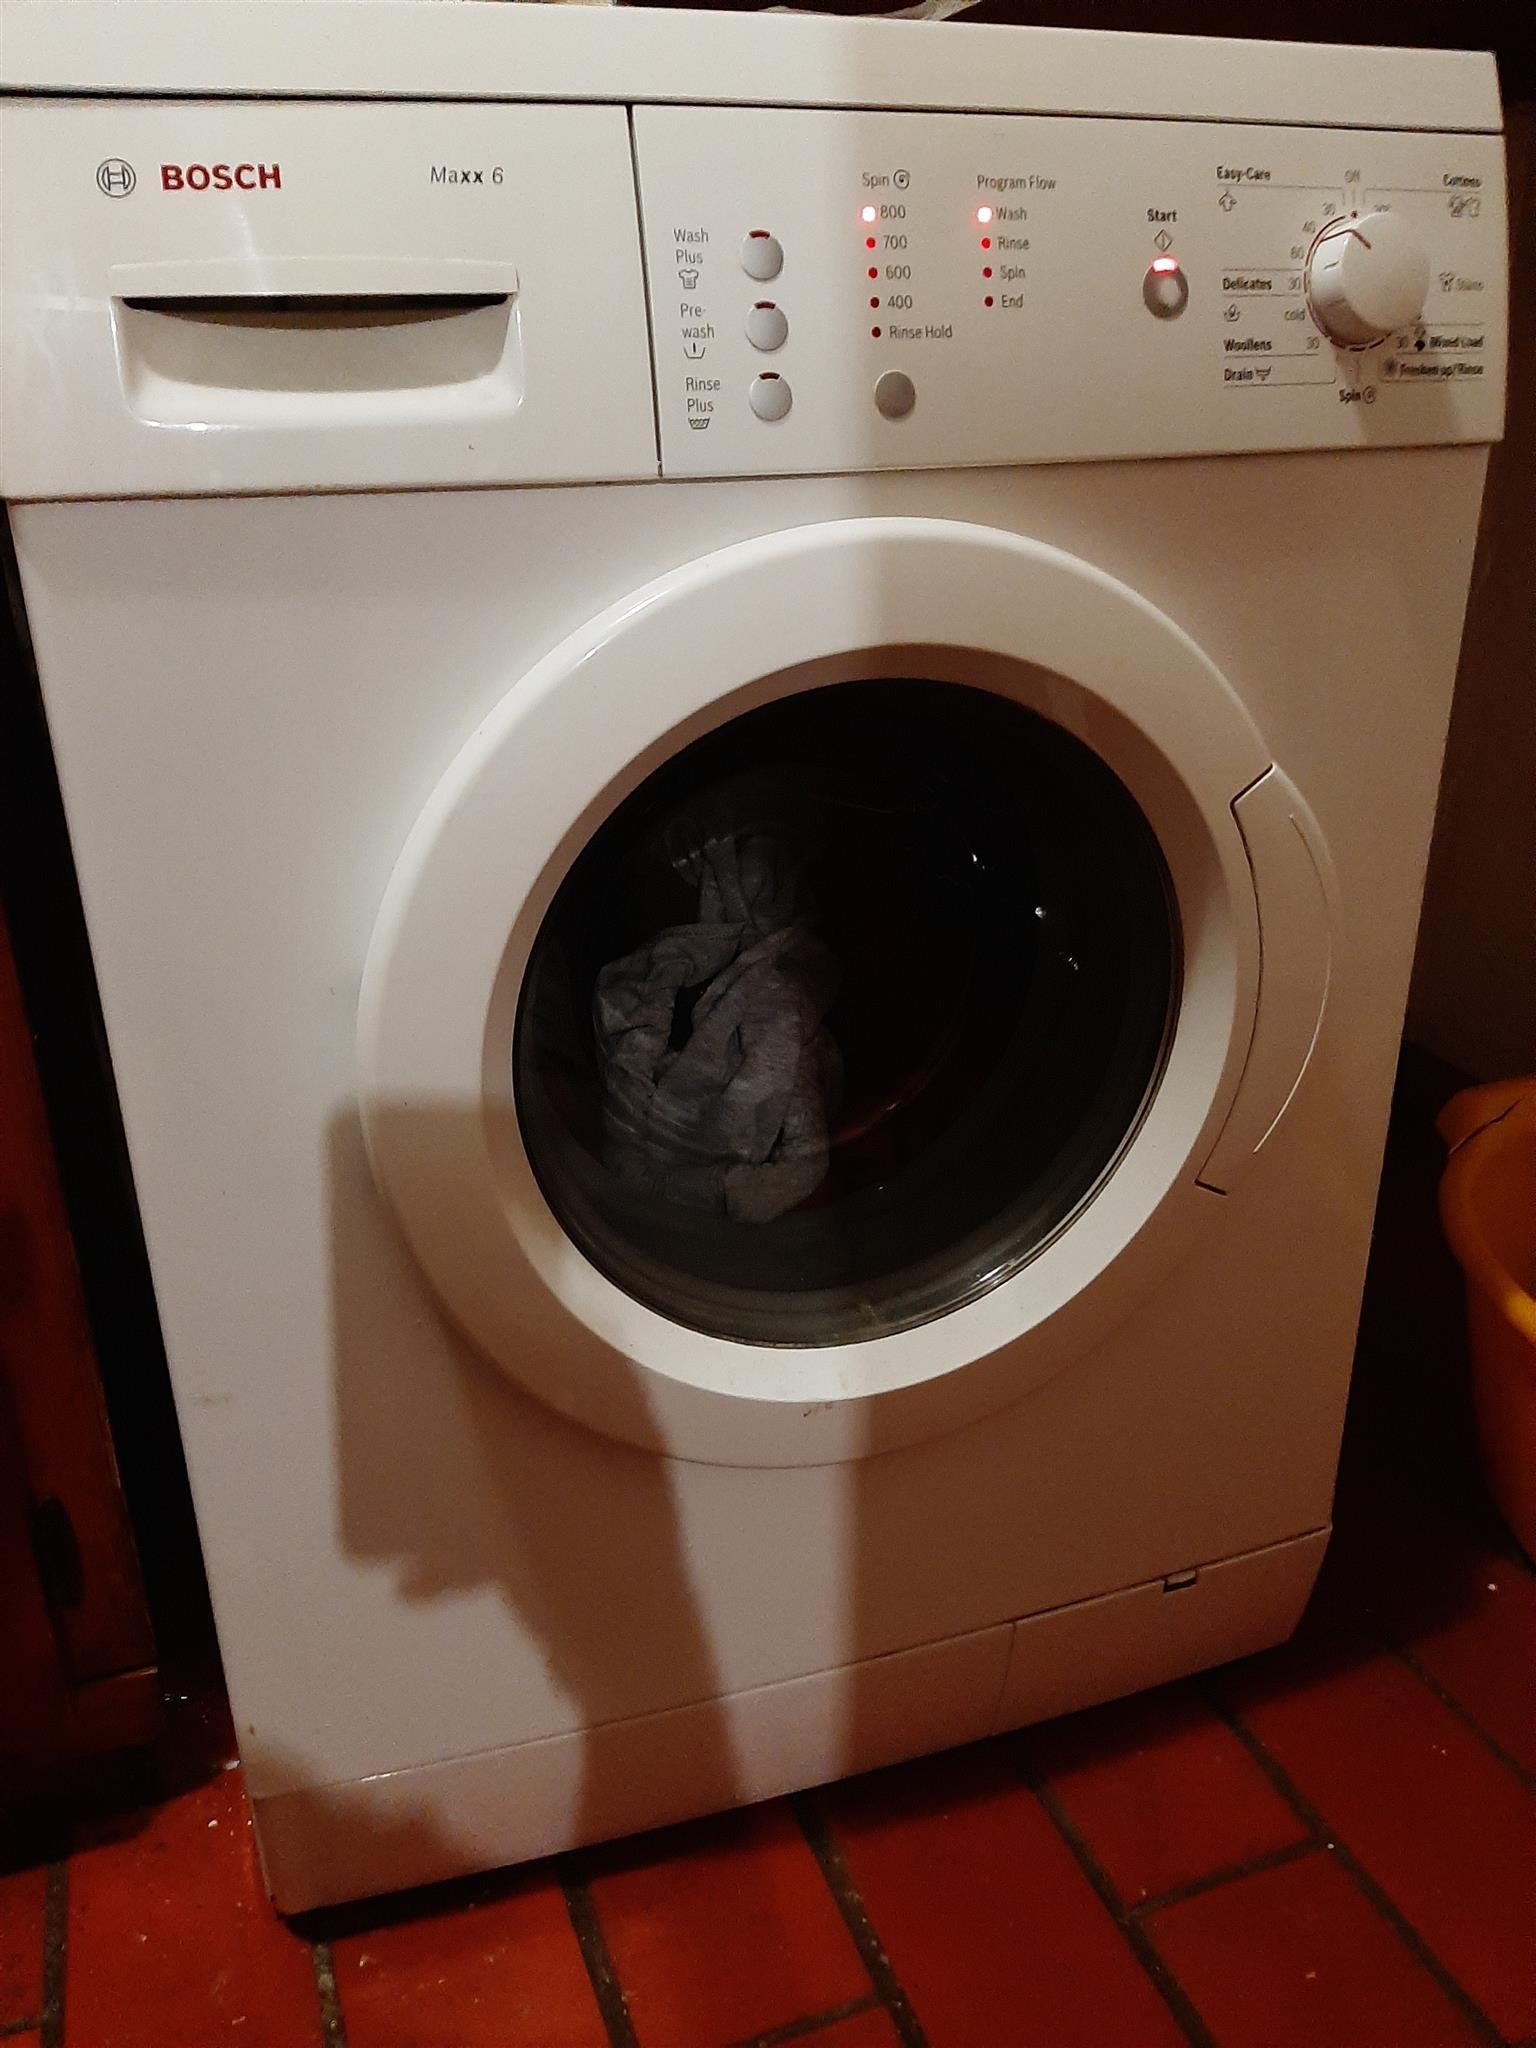 Bosch Maxx 6 automatic washing machine